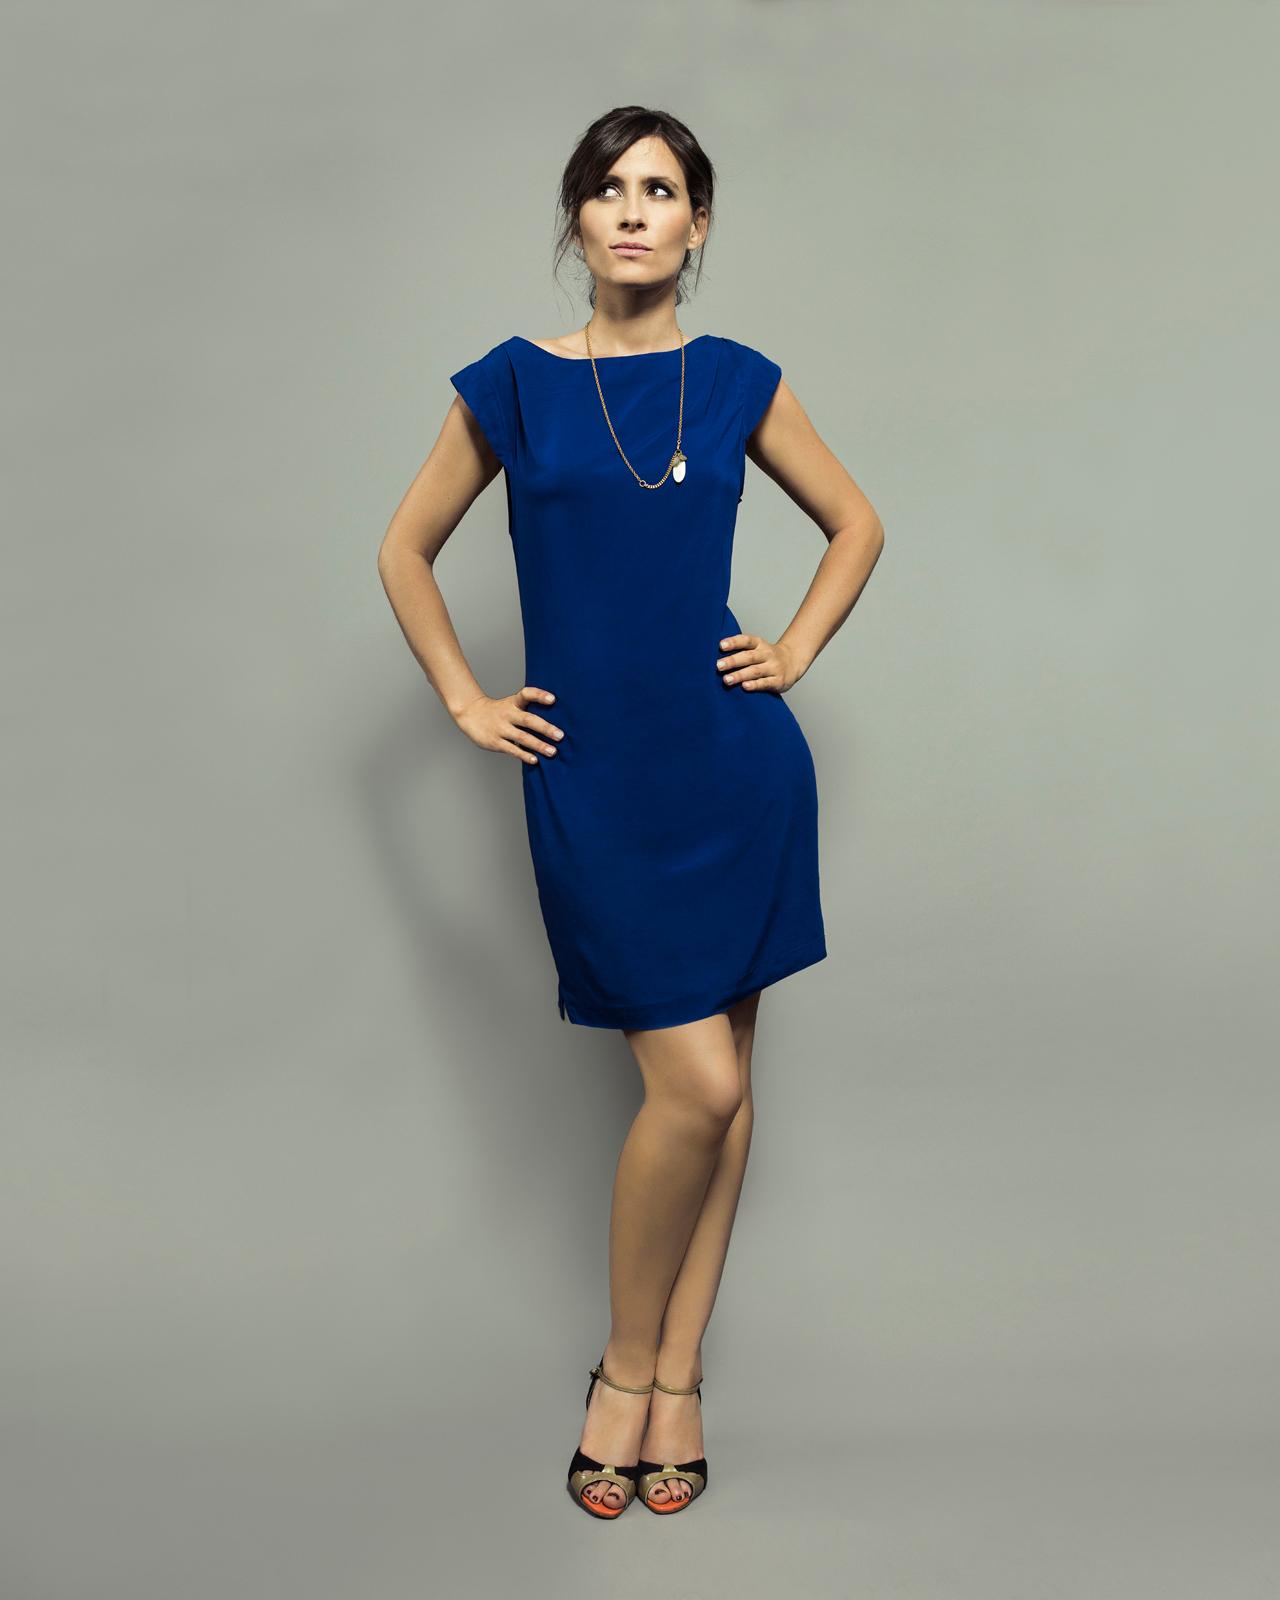 De Couture Top Patron Lisboa Pour Robeamp; FemmesOrageuse R35Aj4L